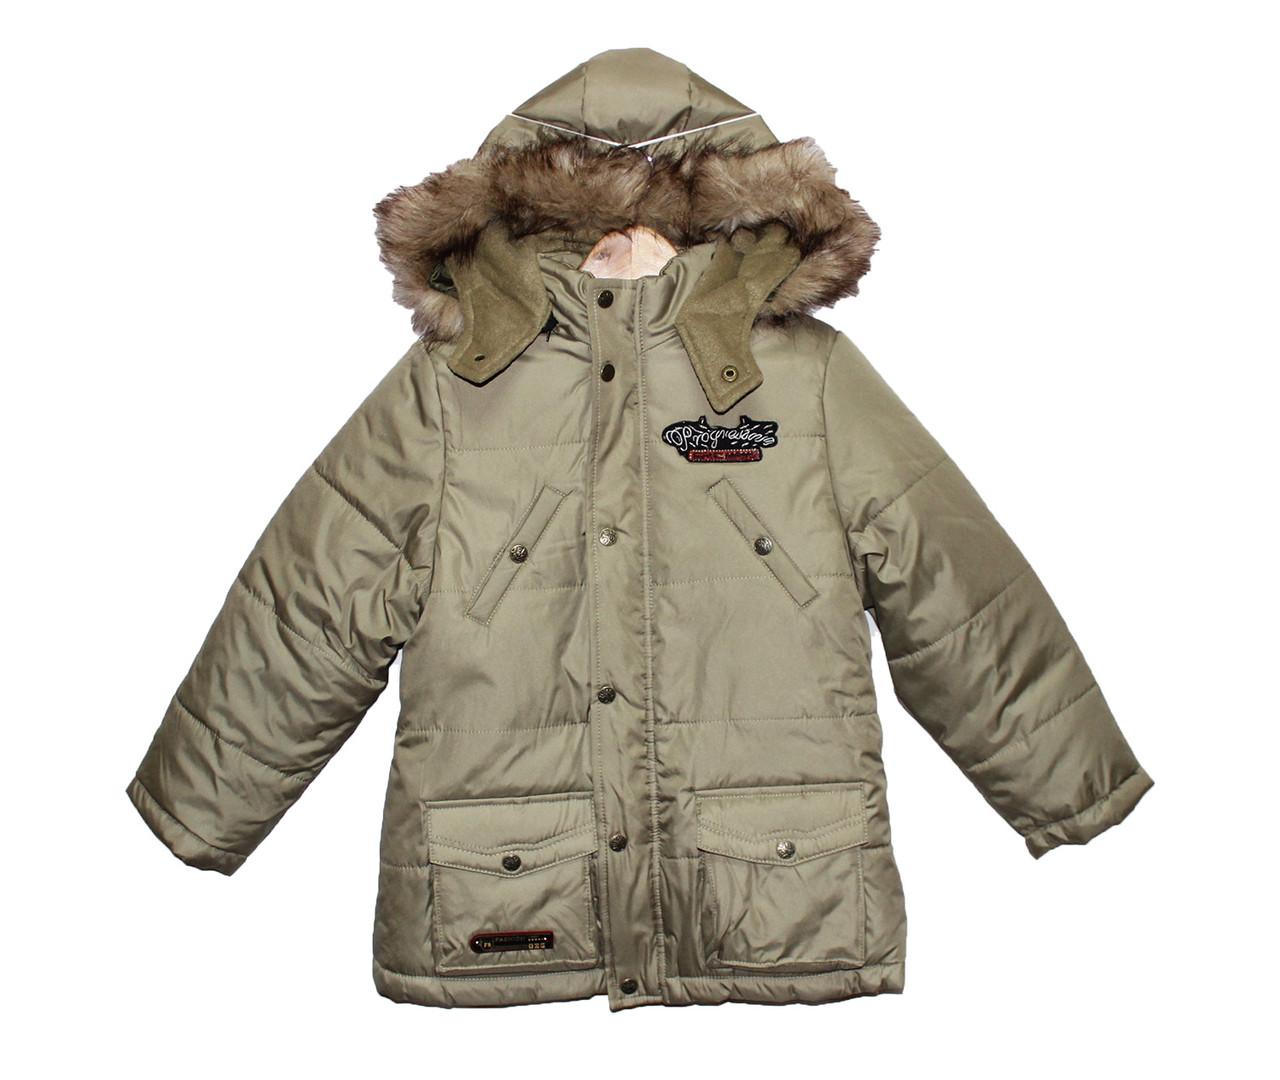 Куртки дитячі для хлопчика на зиму Чемпіон №2